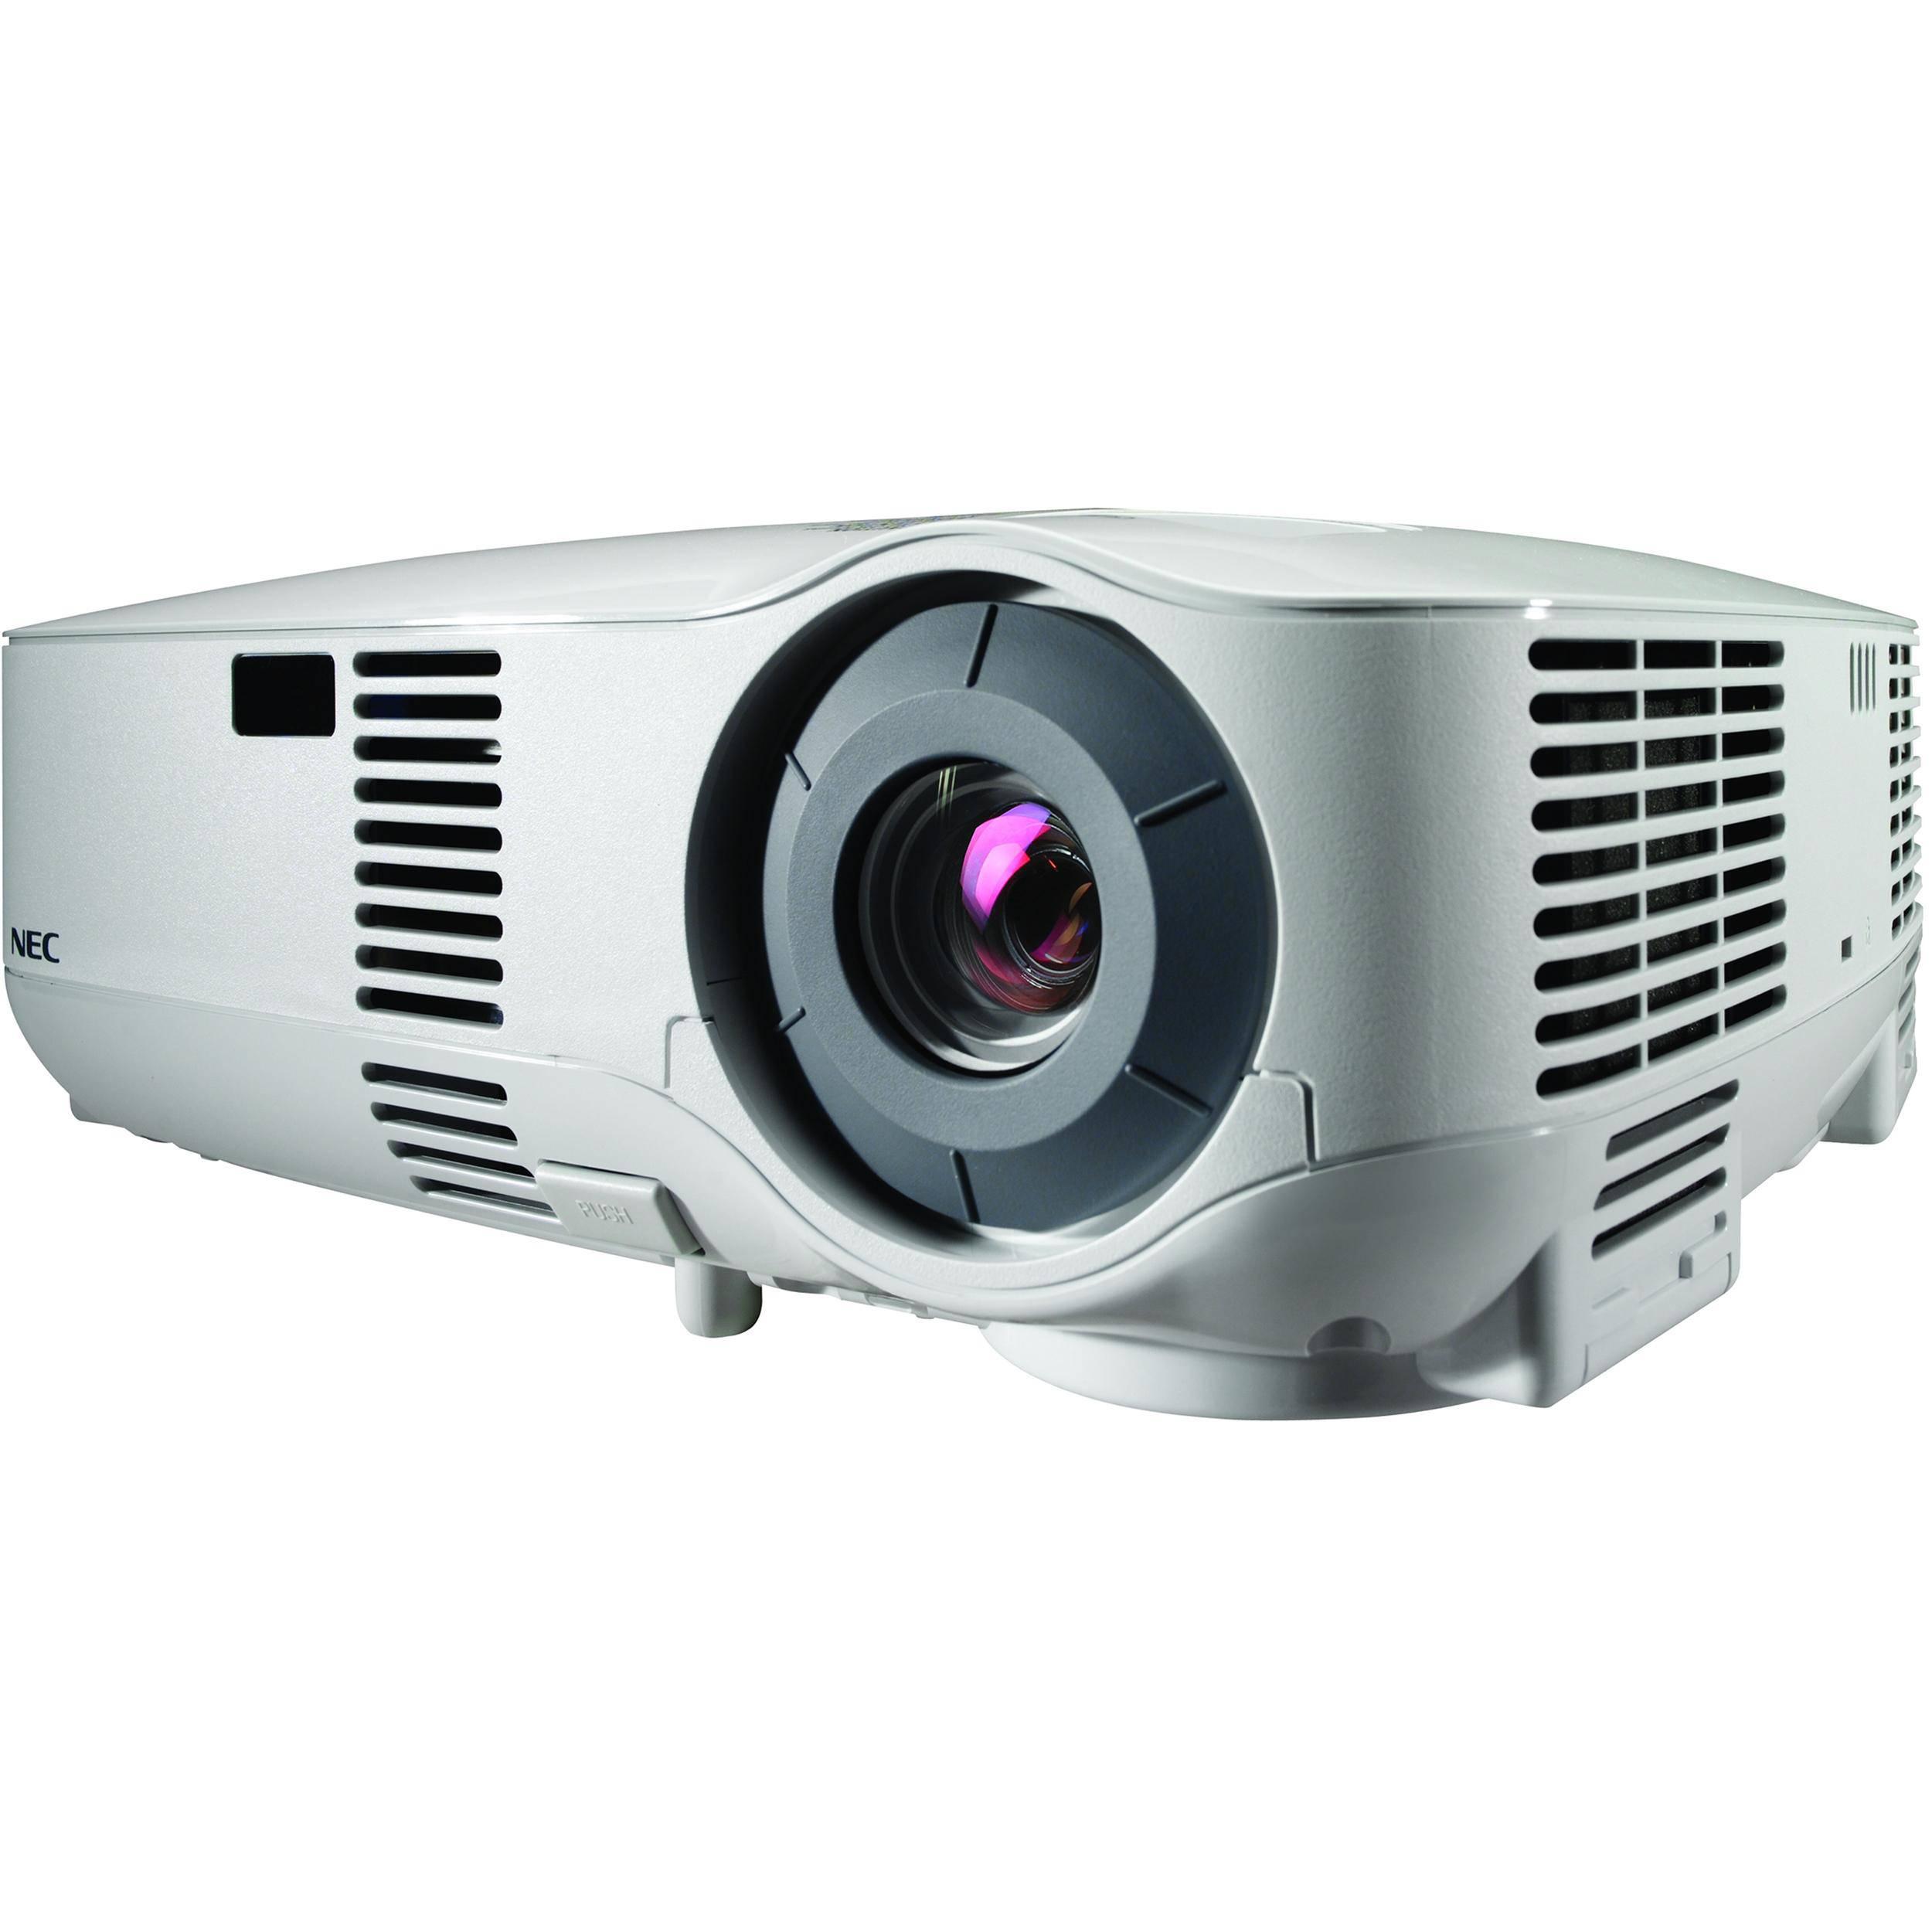 nec mitsubishi vt700 lcd multimedia projector vt700 b h photo rh bhphotovideo com NEC VT700 Parts NEC VT700 Parts